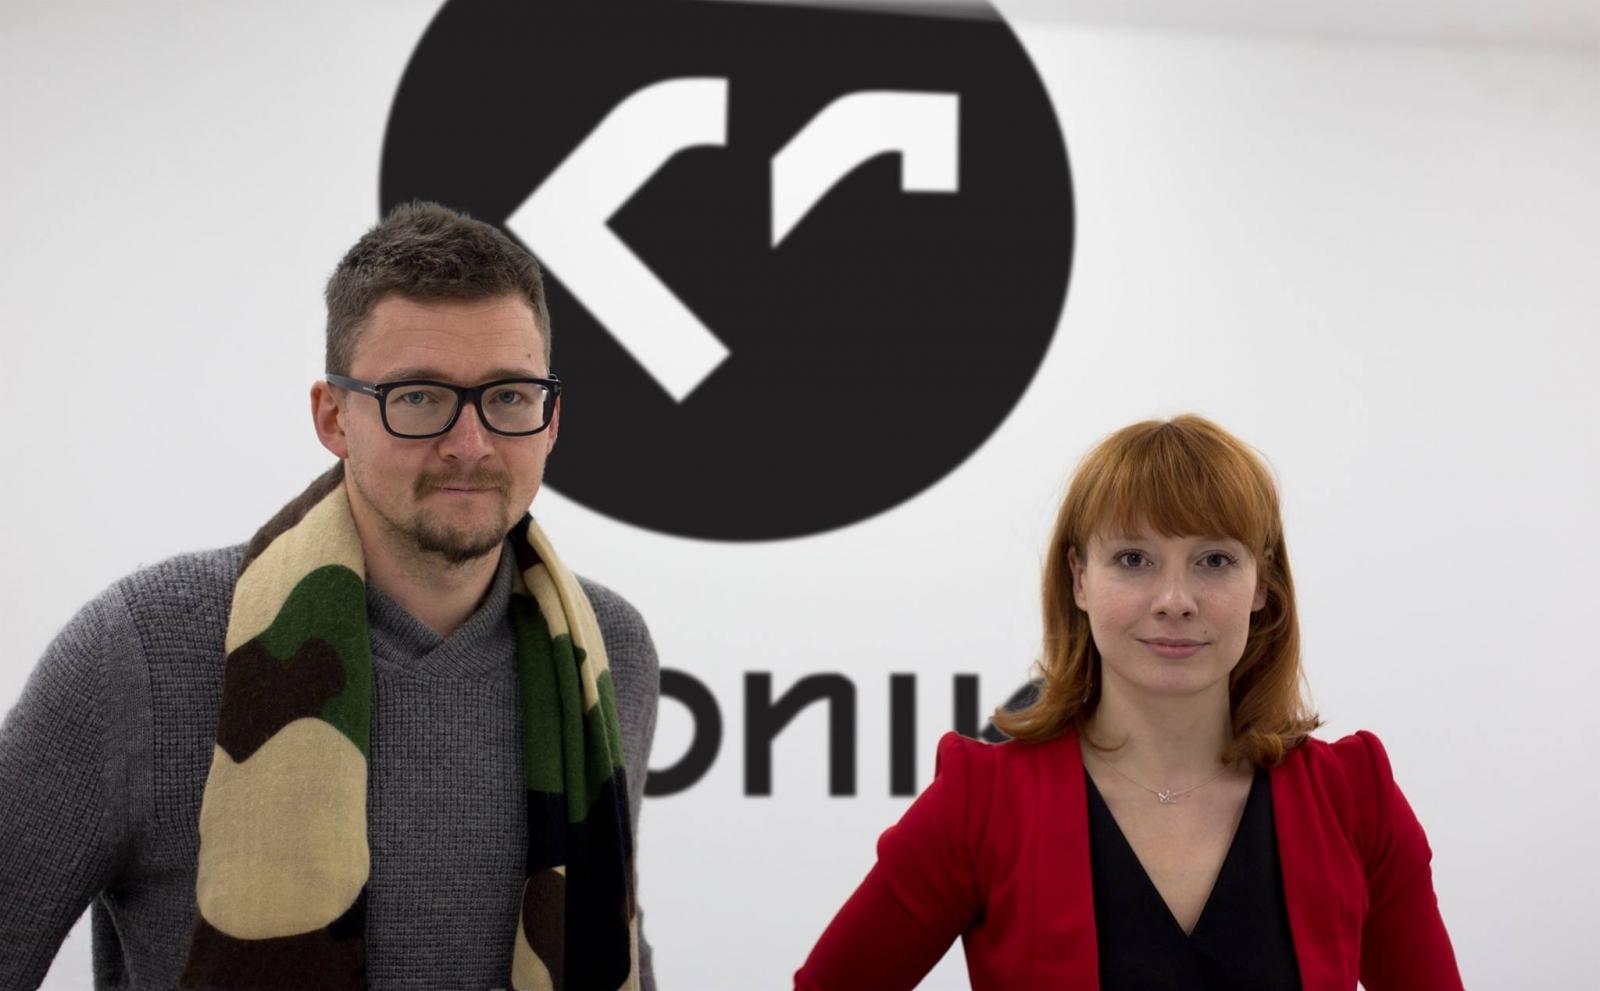 Stanisław Ruksza i Agata Cukierska (źródło: materiały prasowe organizatora)